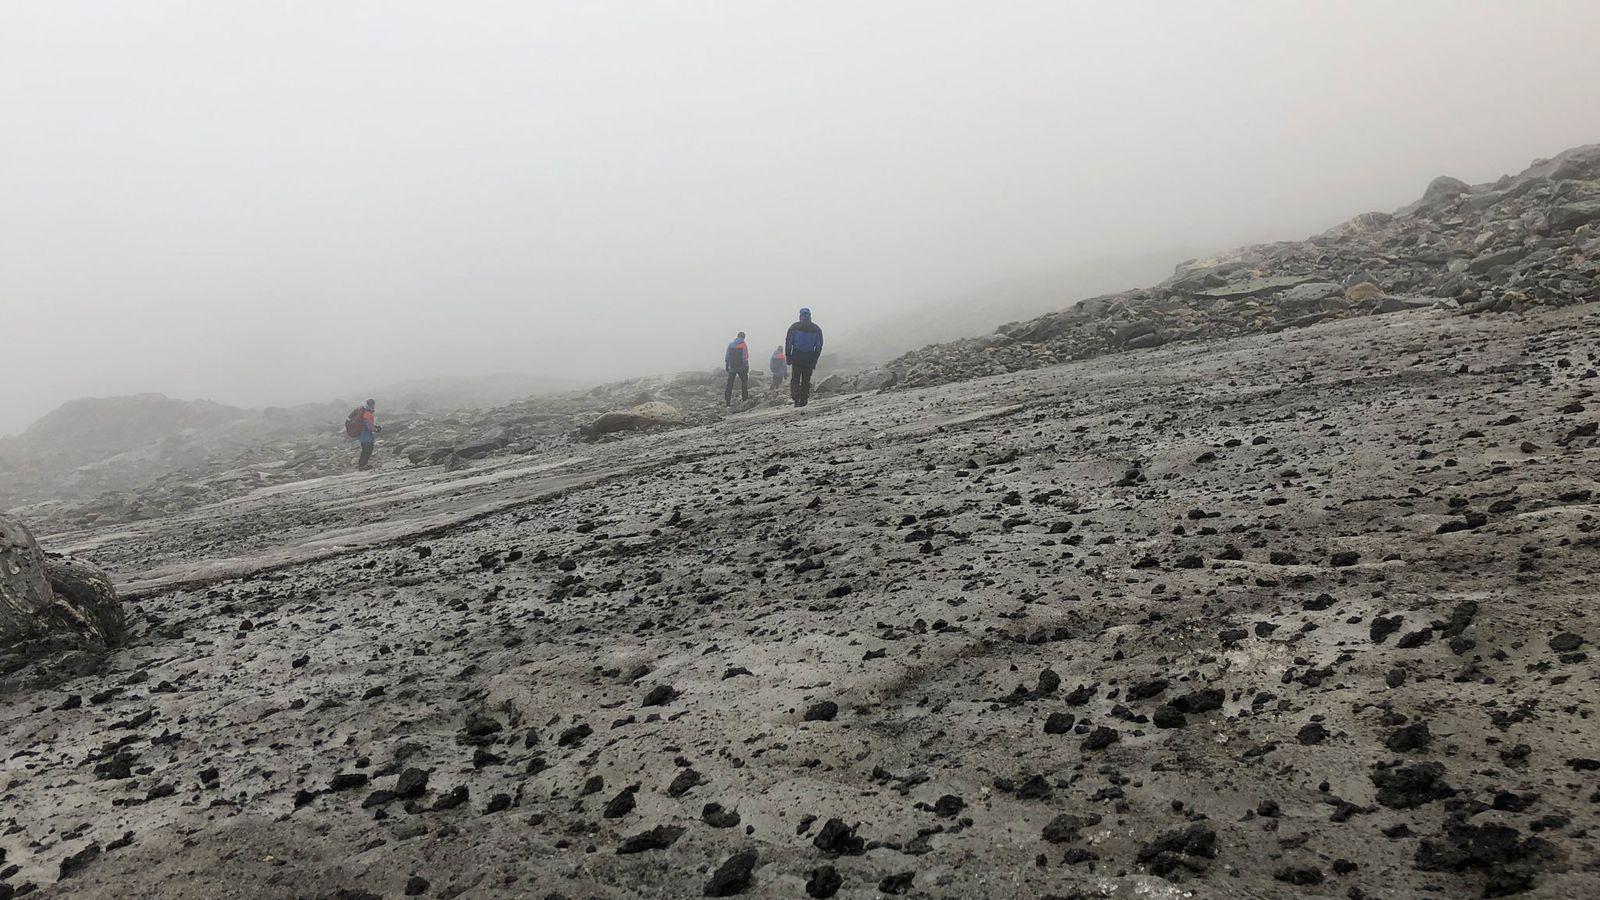 Das Lendbreen-Eisfeld in Norwegen, hier zu sehen auf einer Aufnahme von 2019, schmilzt. Zum Vorschein kommen ...